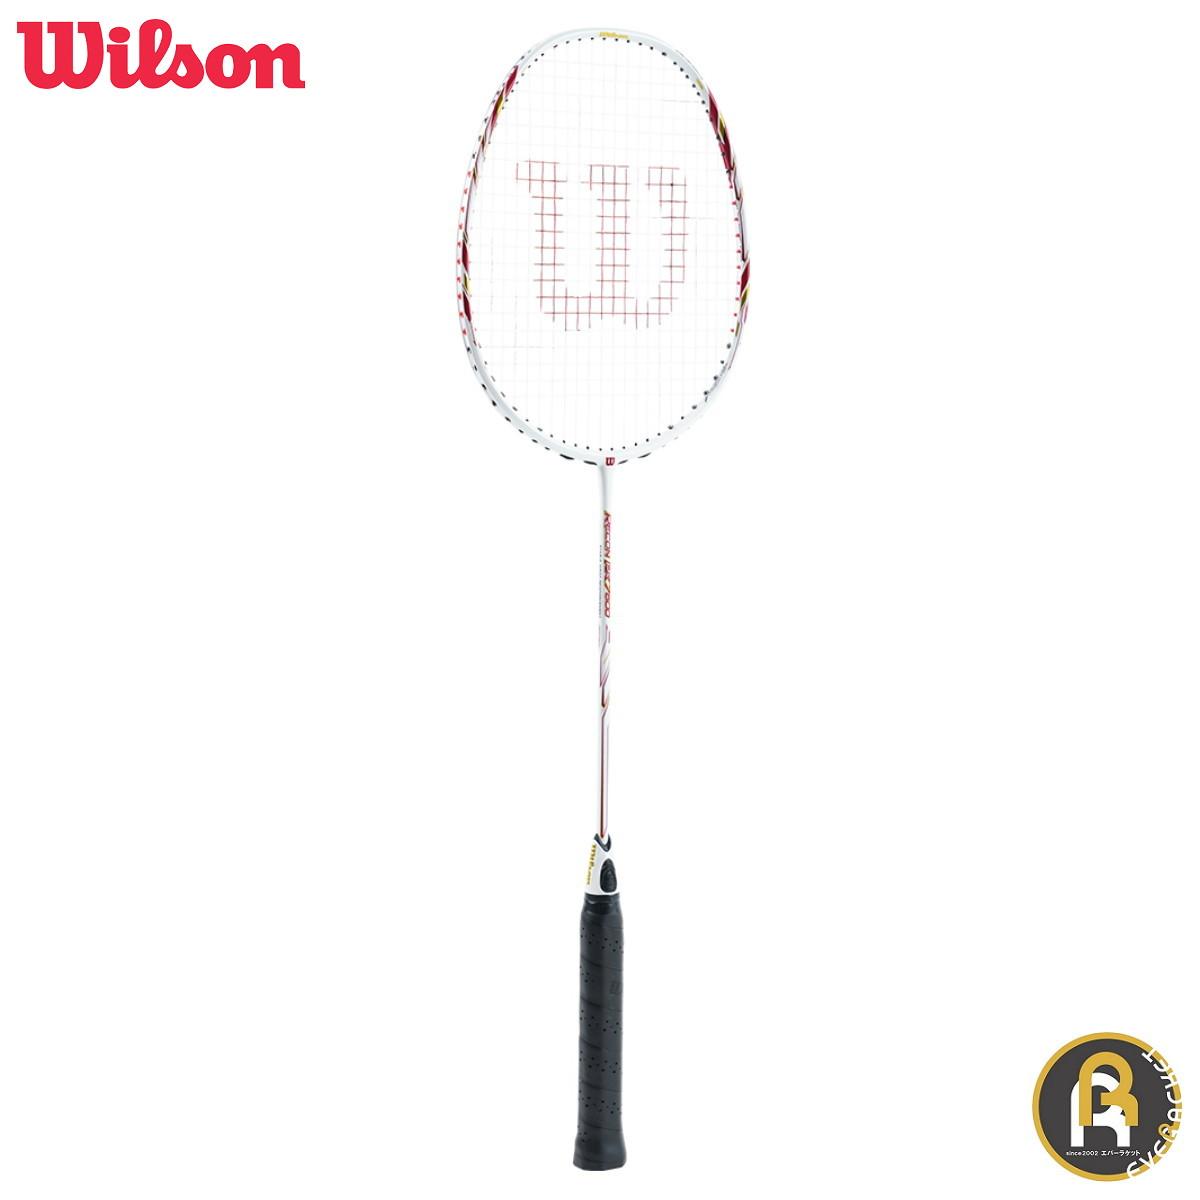 【お買い得商品】Wilson ウイルソン バドミントン ラケット バドミントンラケット ガット代 張り上げ代無料 RECON PX7600 WRT8832202